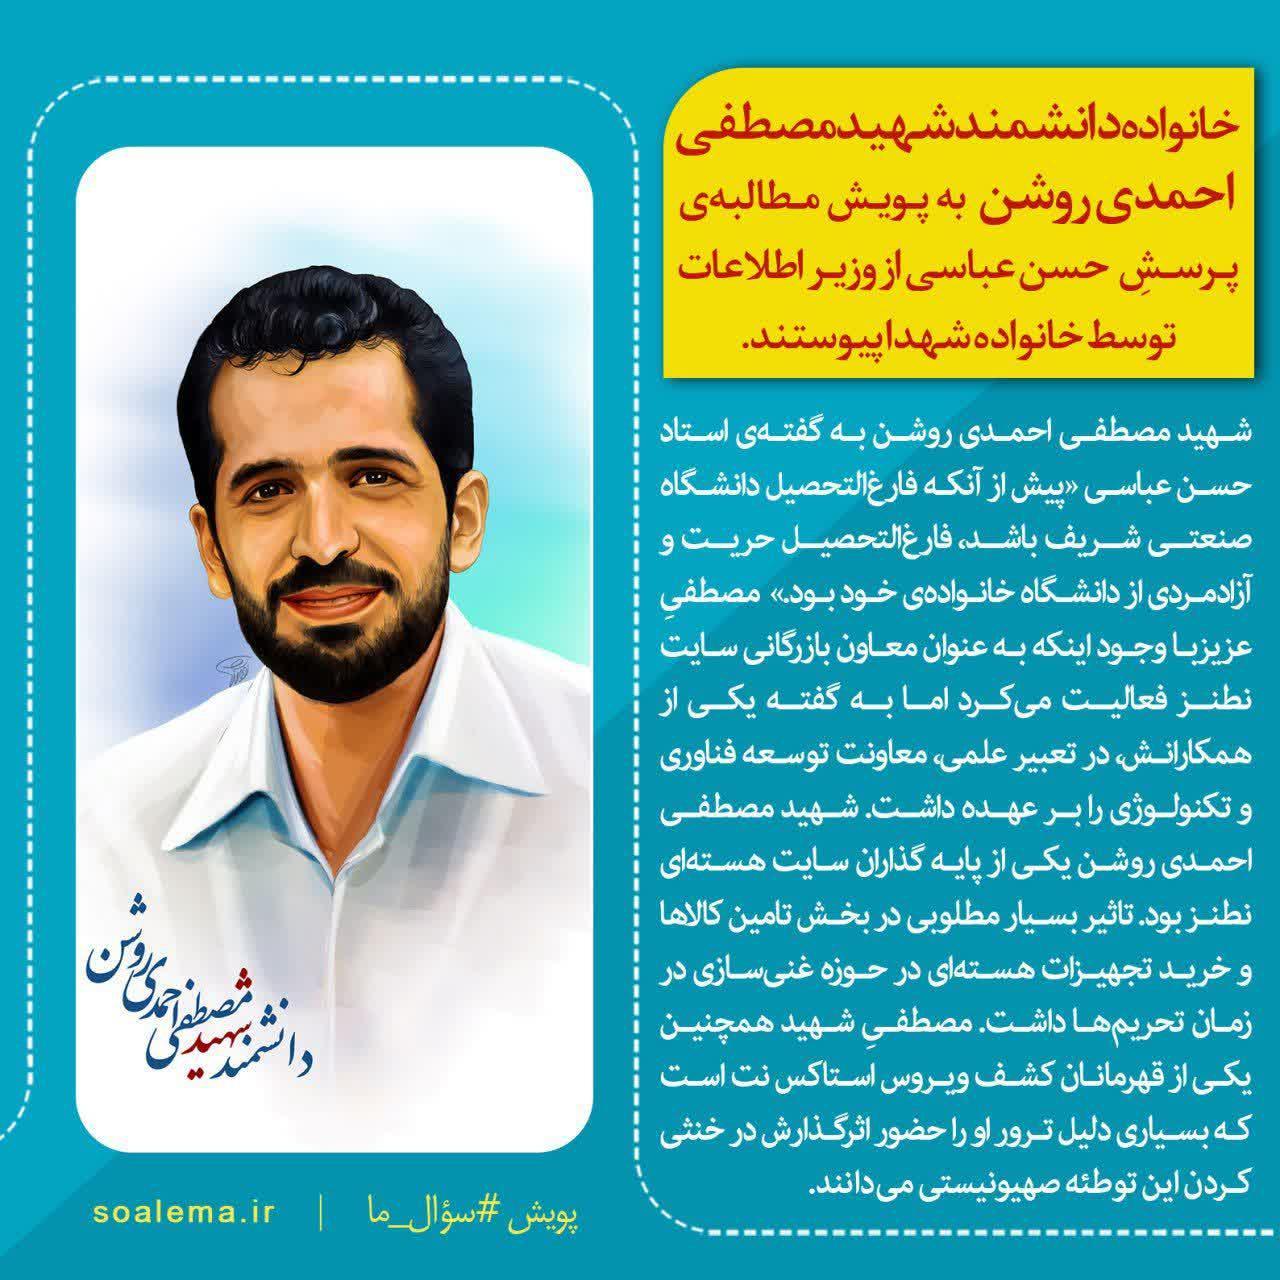 http://dl-abbasi.ir/yekta/1398/Graphic/Shohada/Shakhes26.jpg